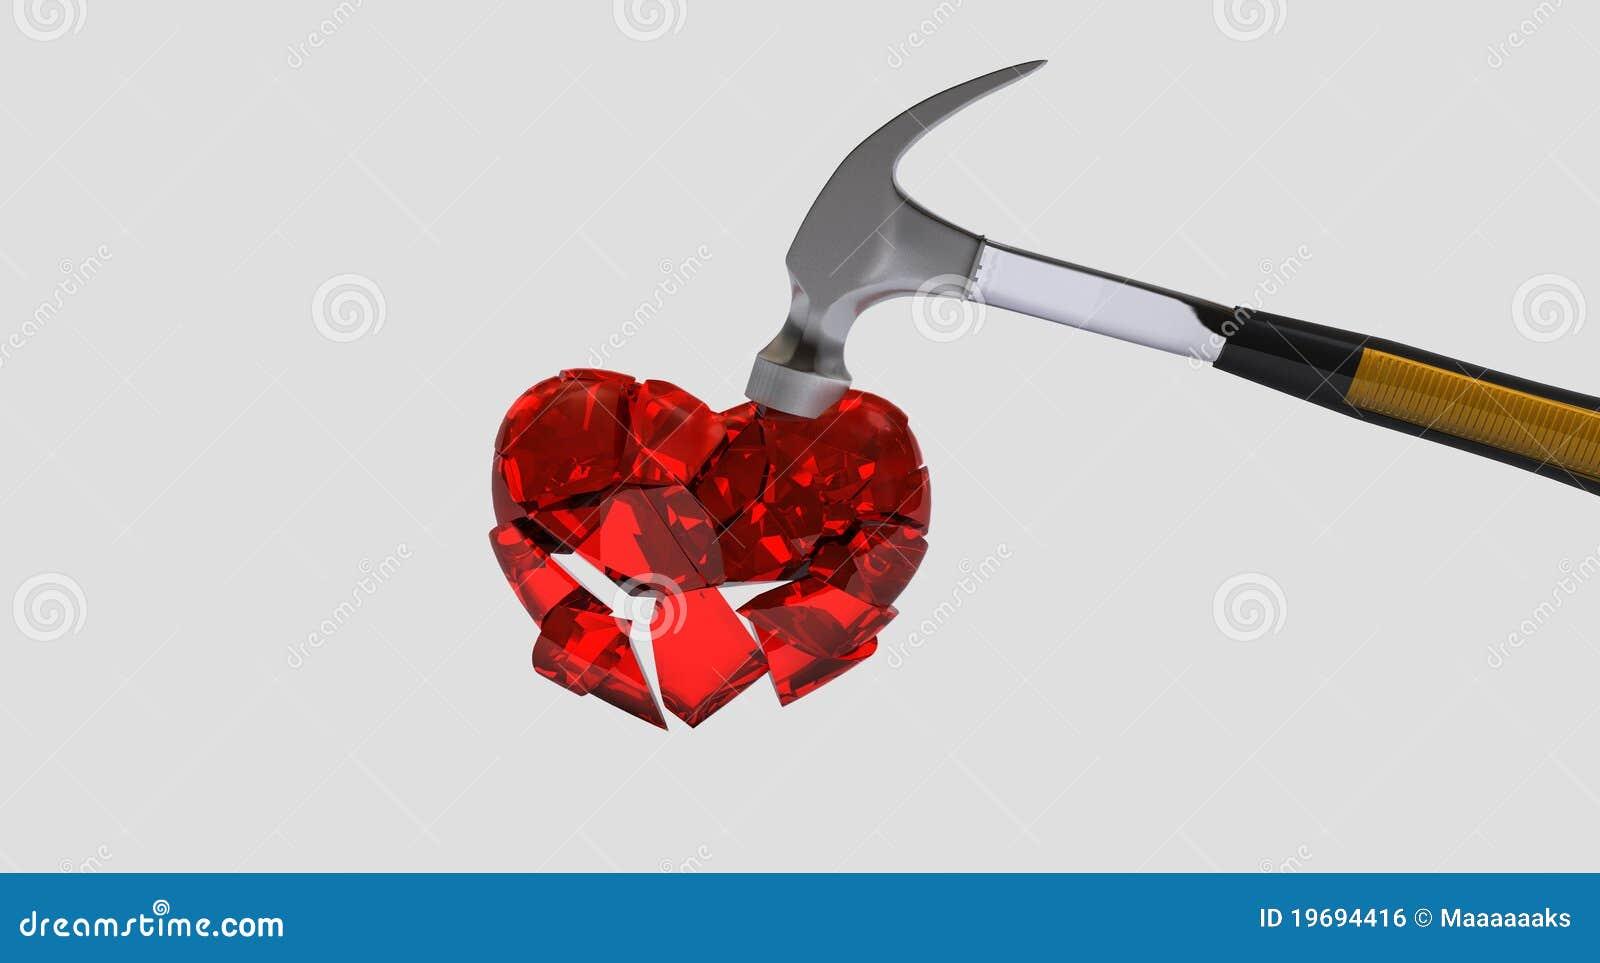 hammer hearts